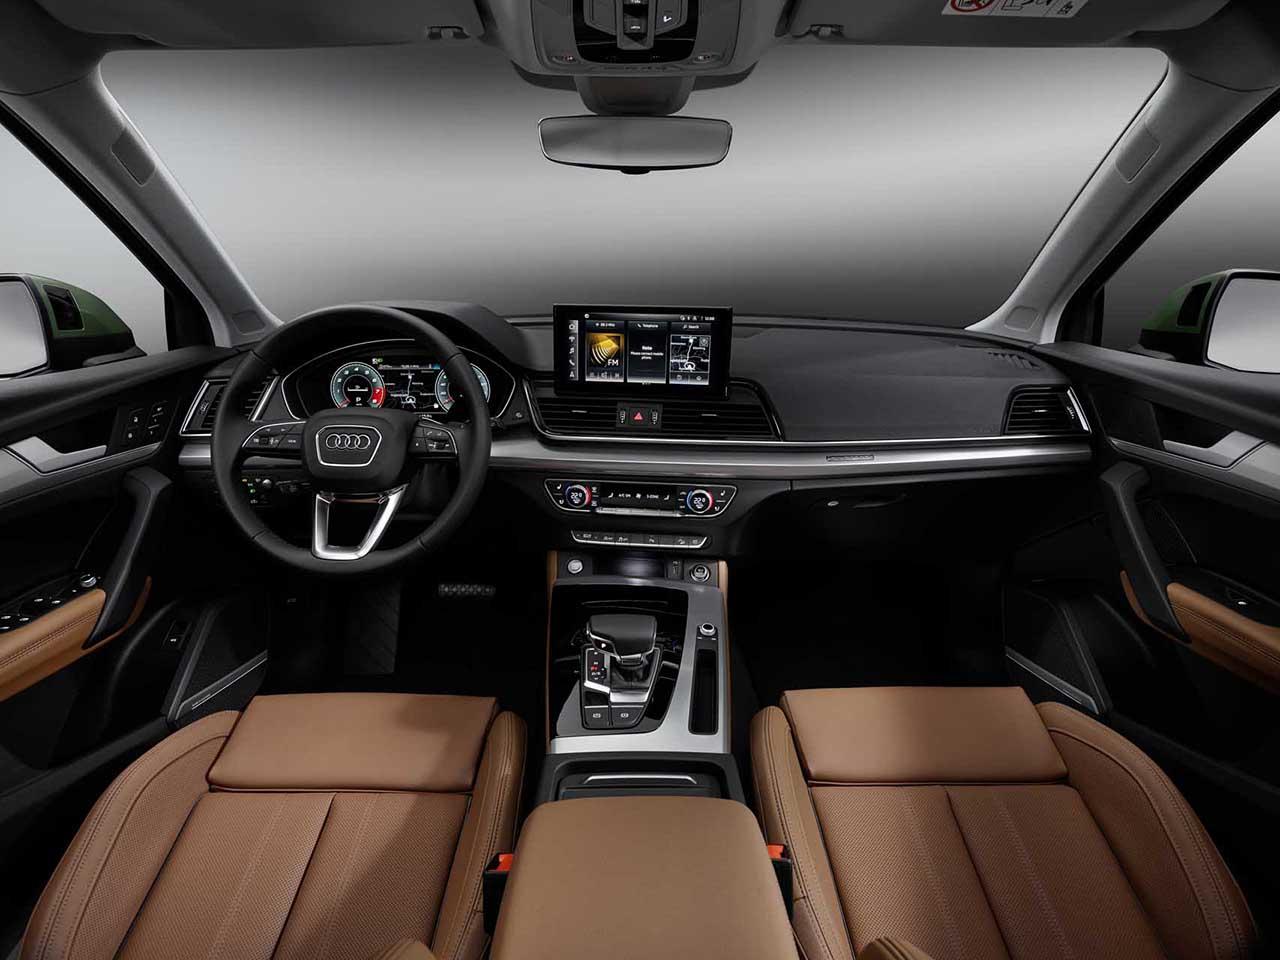 2021 Audi Q5 interiors